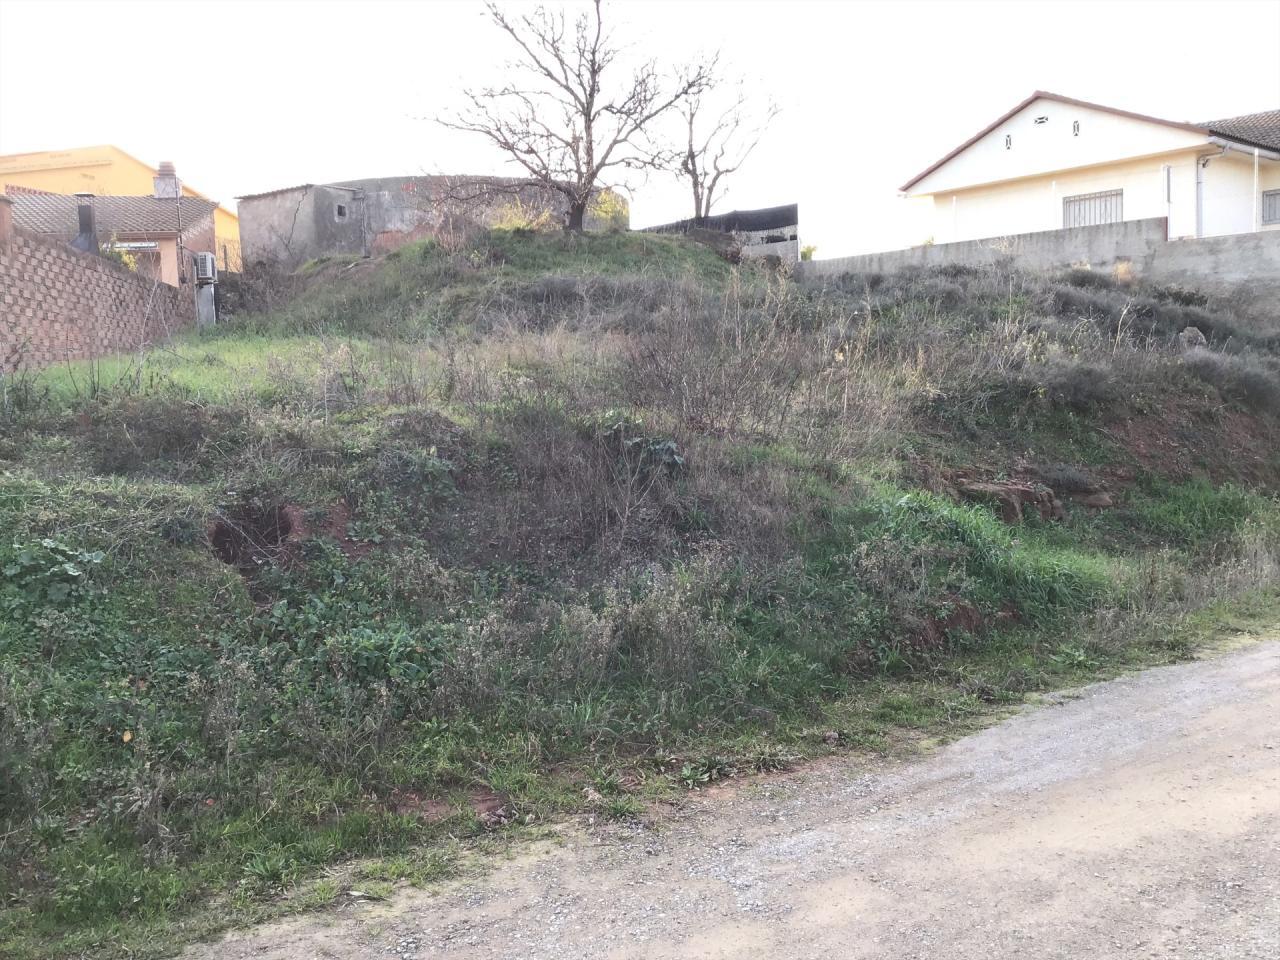 Terreno en URB.  VALL DE MONTSERRAT (Castellbell i el Vilar)